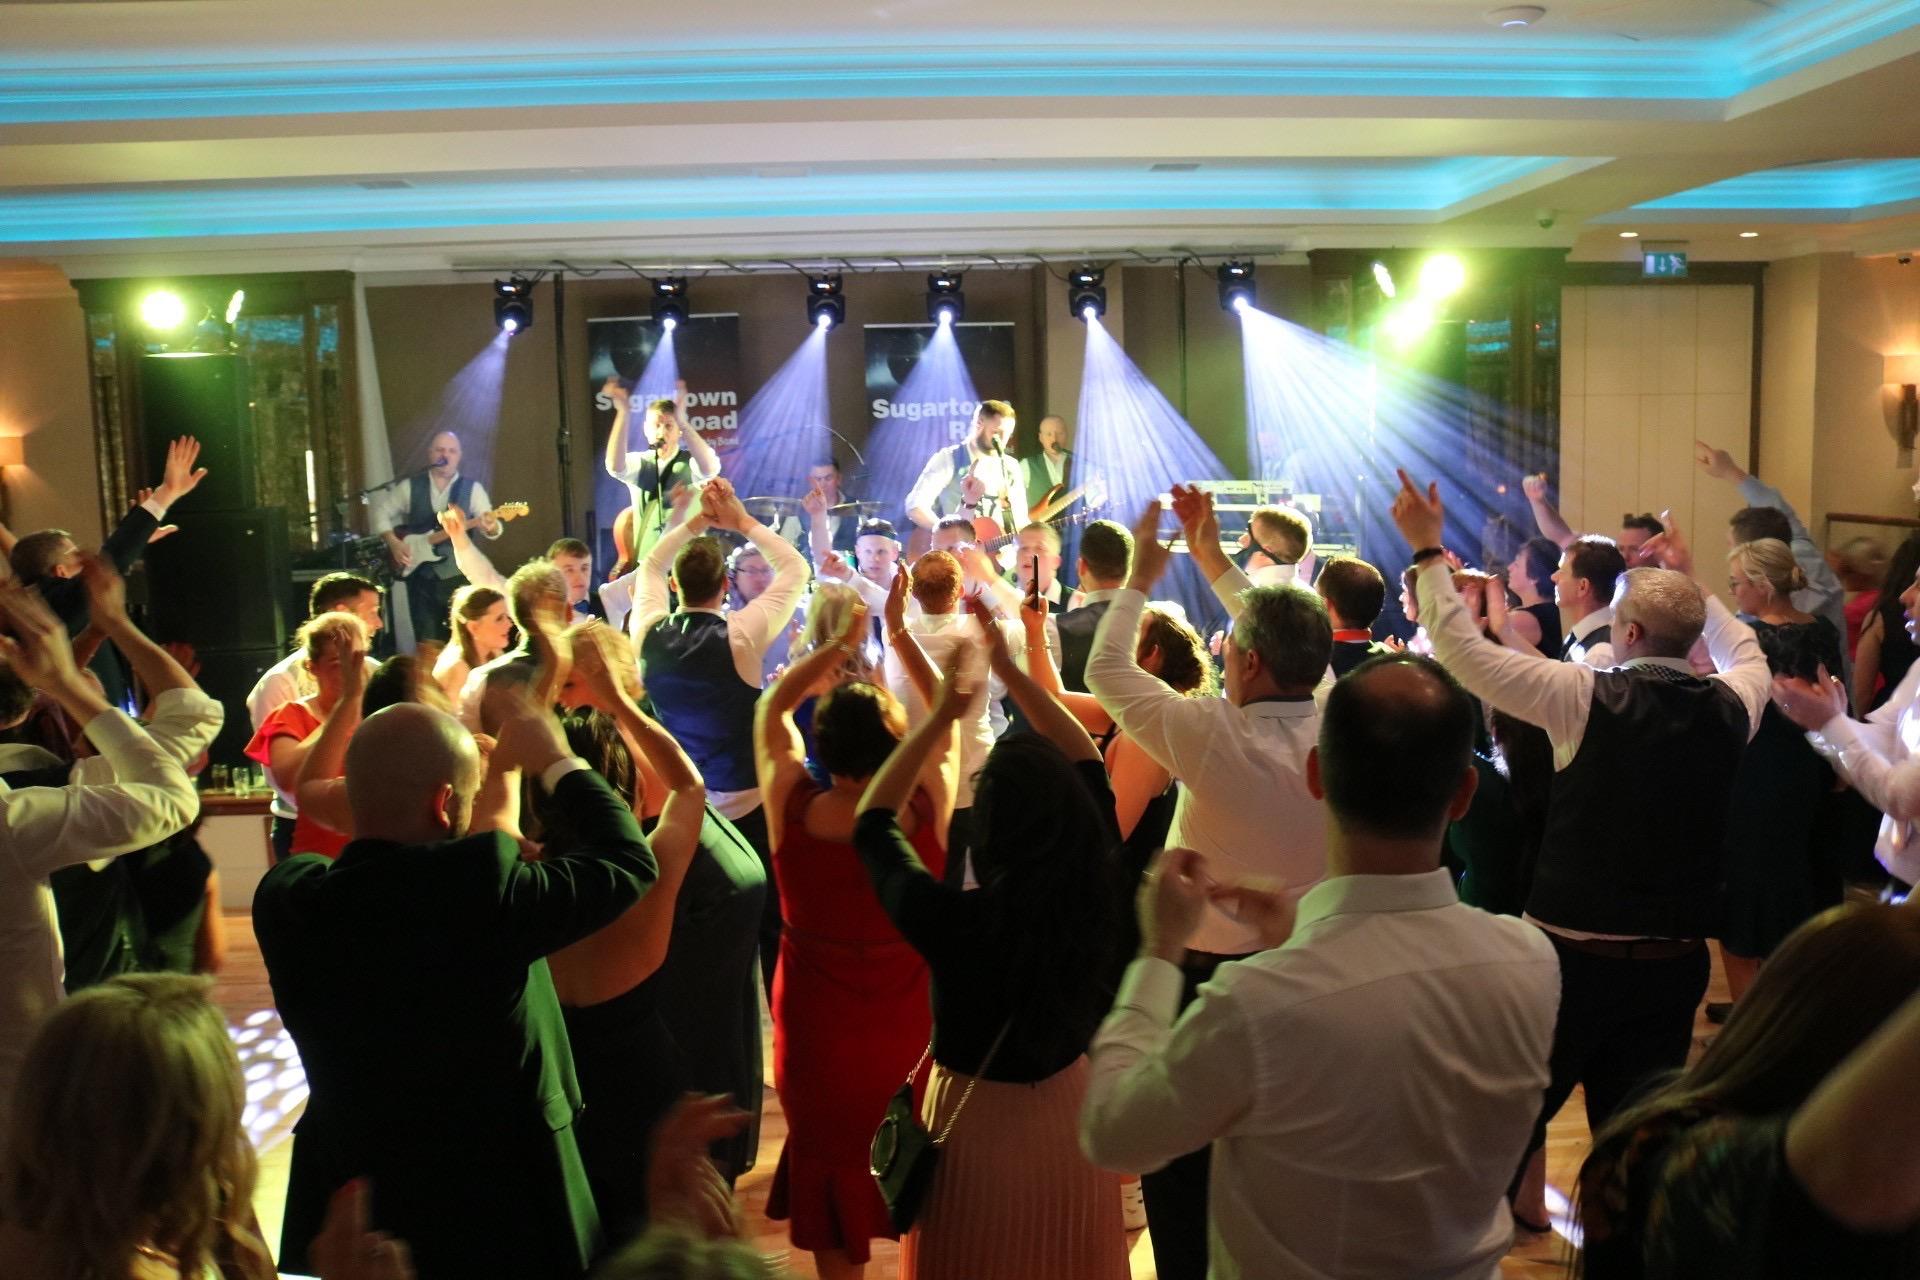 wedding band Sugartown road band,